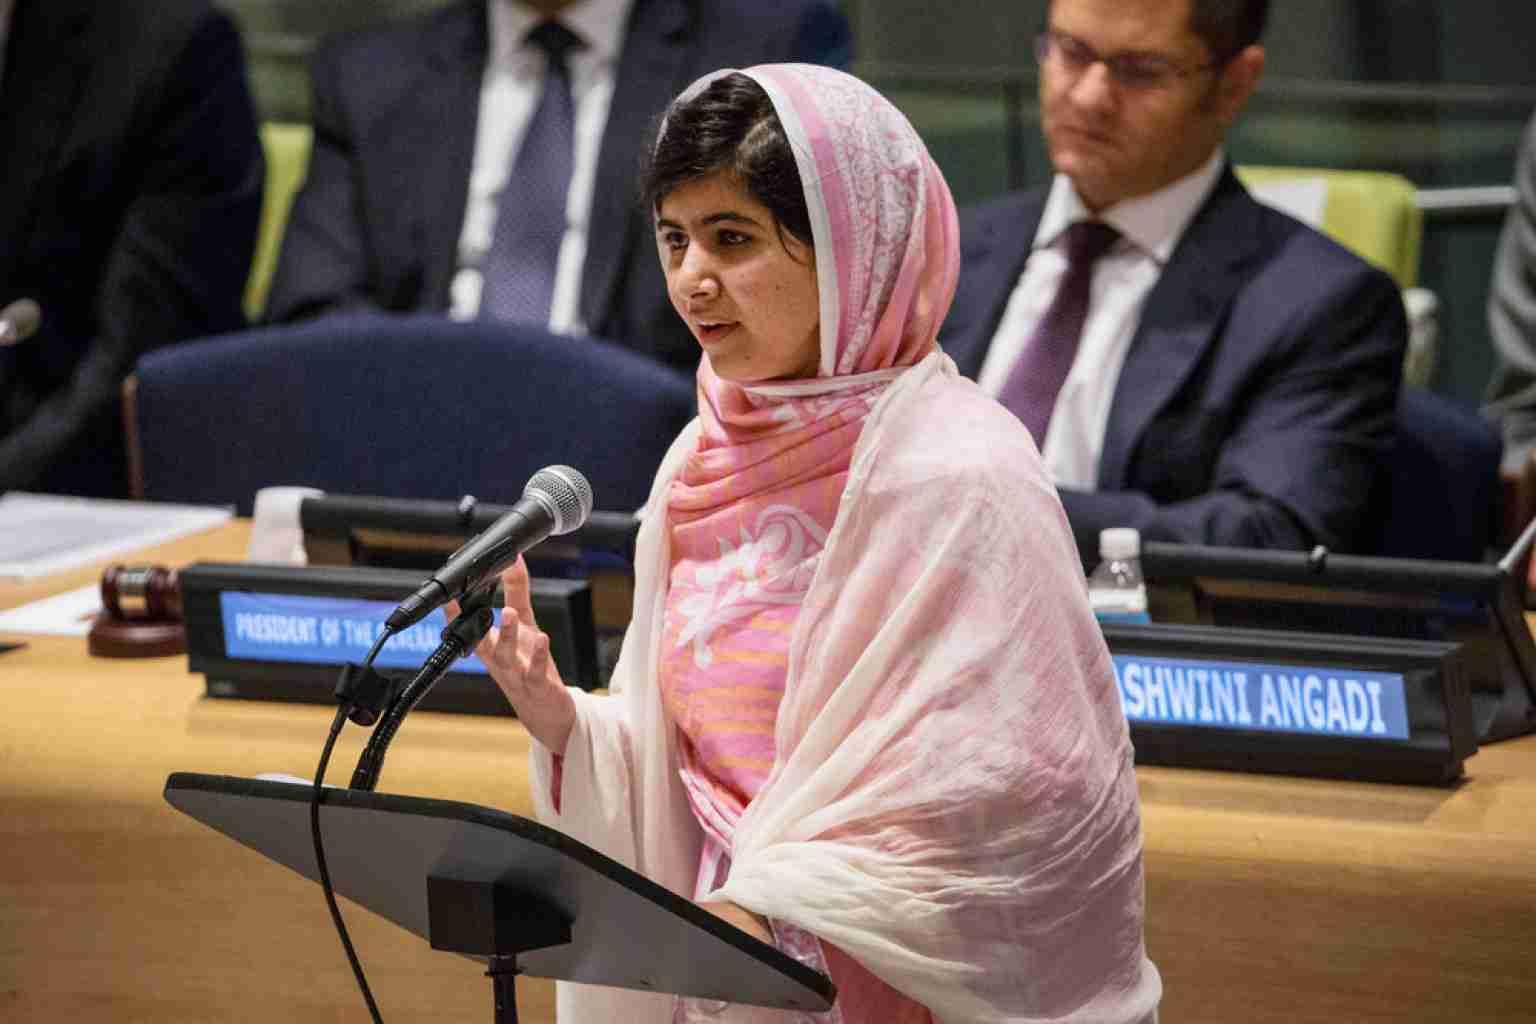 マララさん タリバン銃撃乗り越え国連演説全文「1人の子ども、1人の教師、1冊の本、1本のペンでも世界を変えられる」